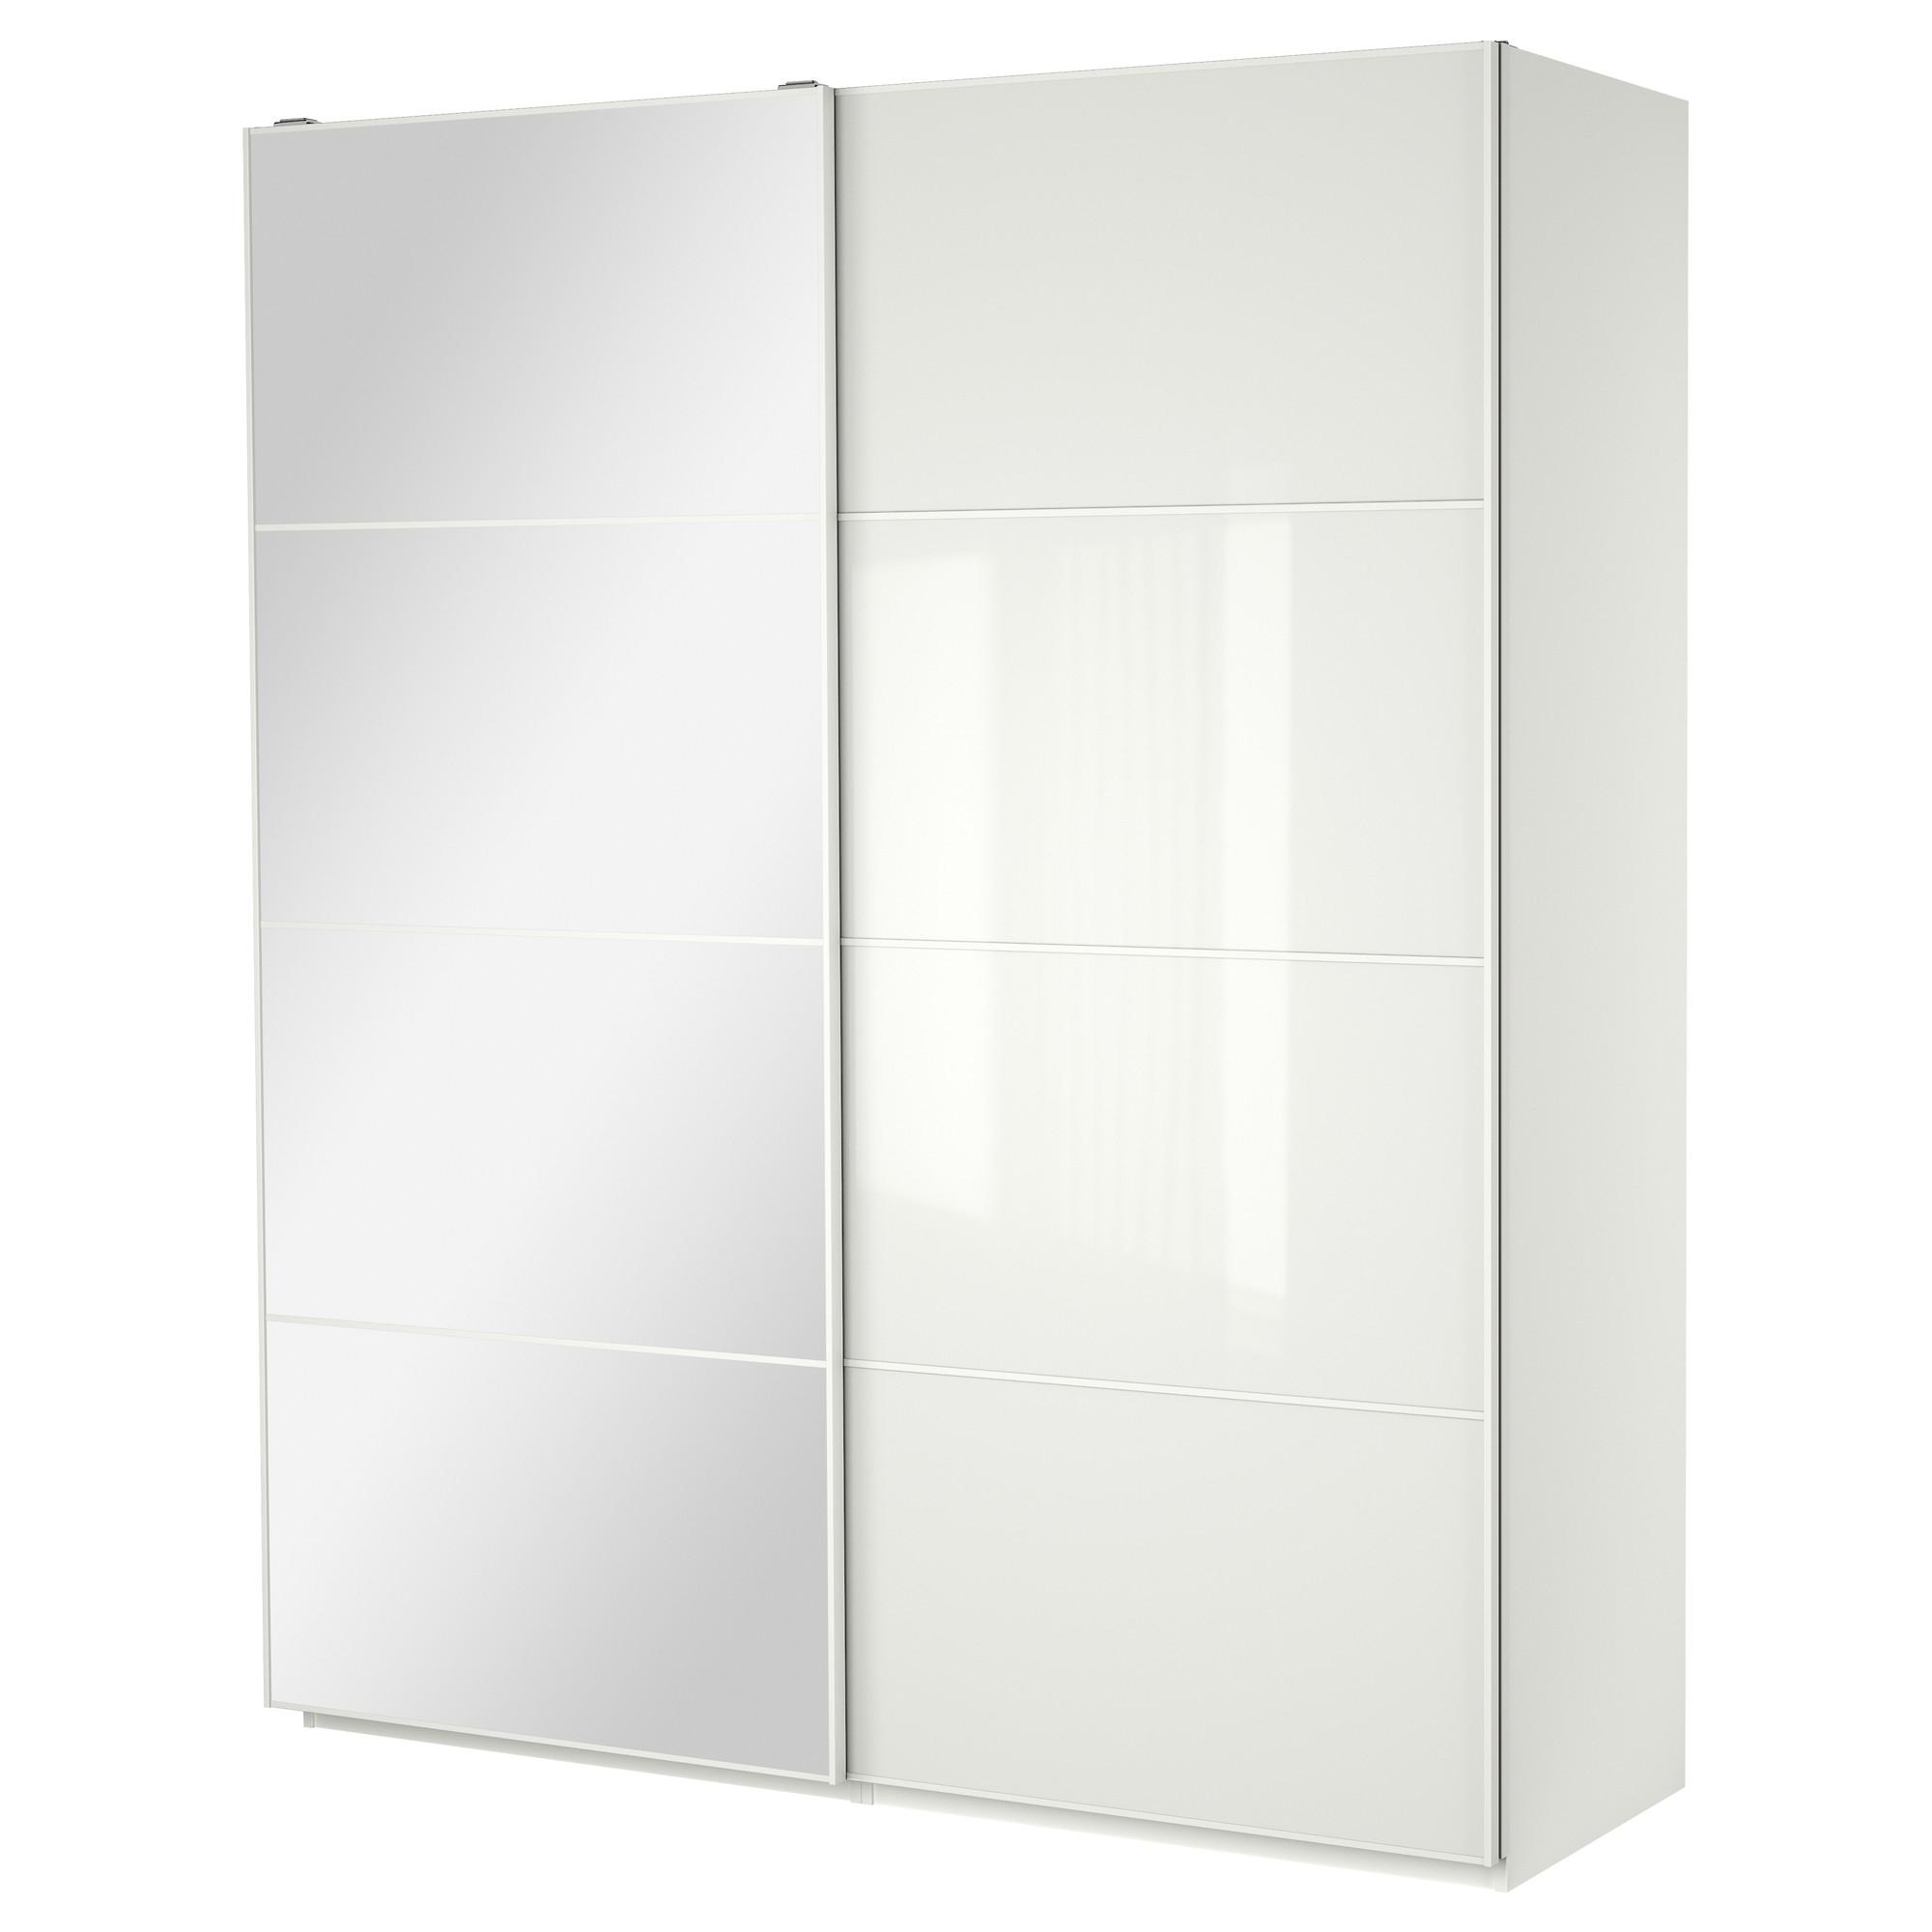 PAX armario con puertas correderas - photo#31